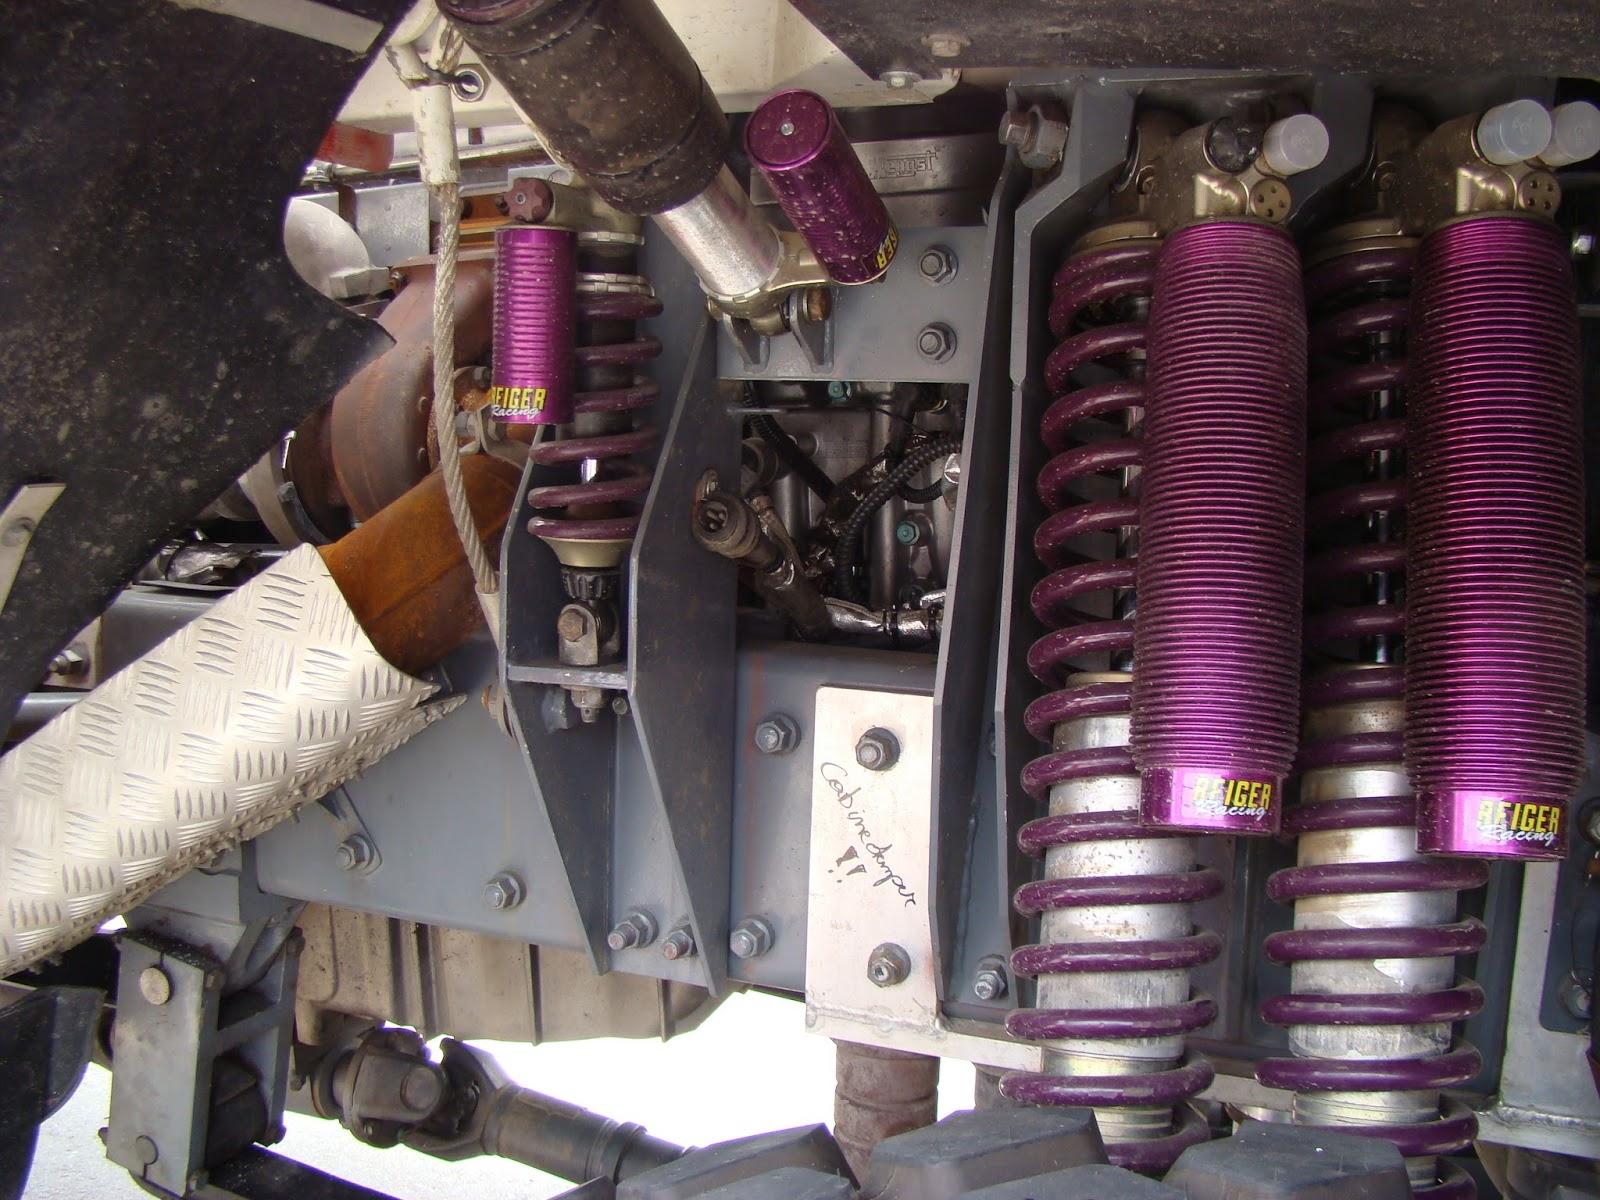 Amortiguador De Cabina International : Dieciocho ruedas reiger el amortiguador del dakar u mas usado por